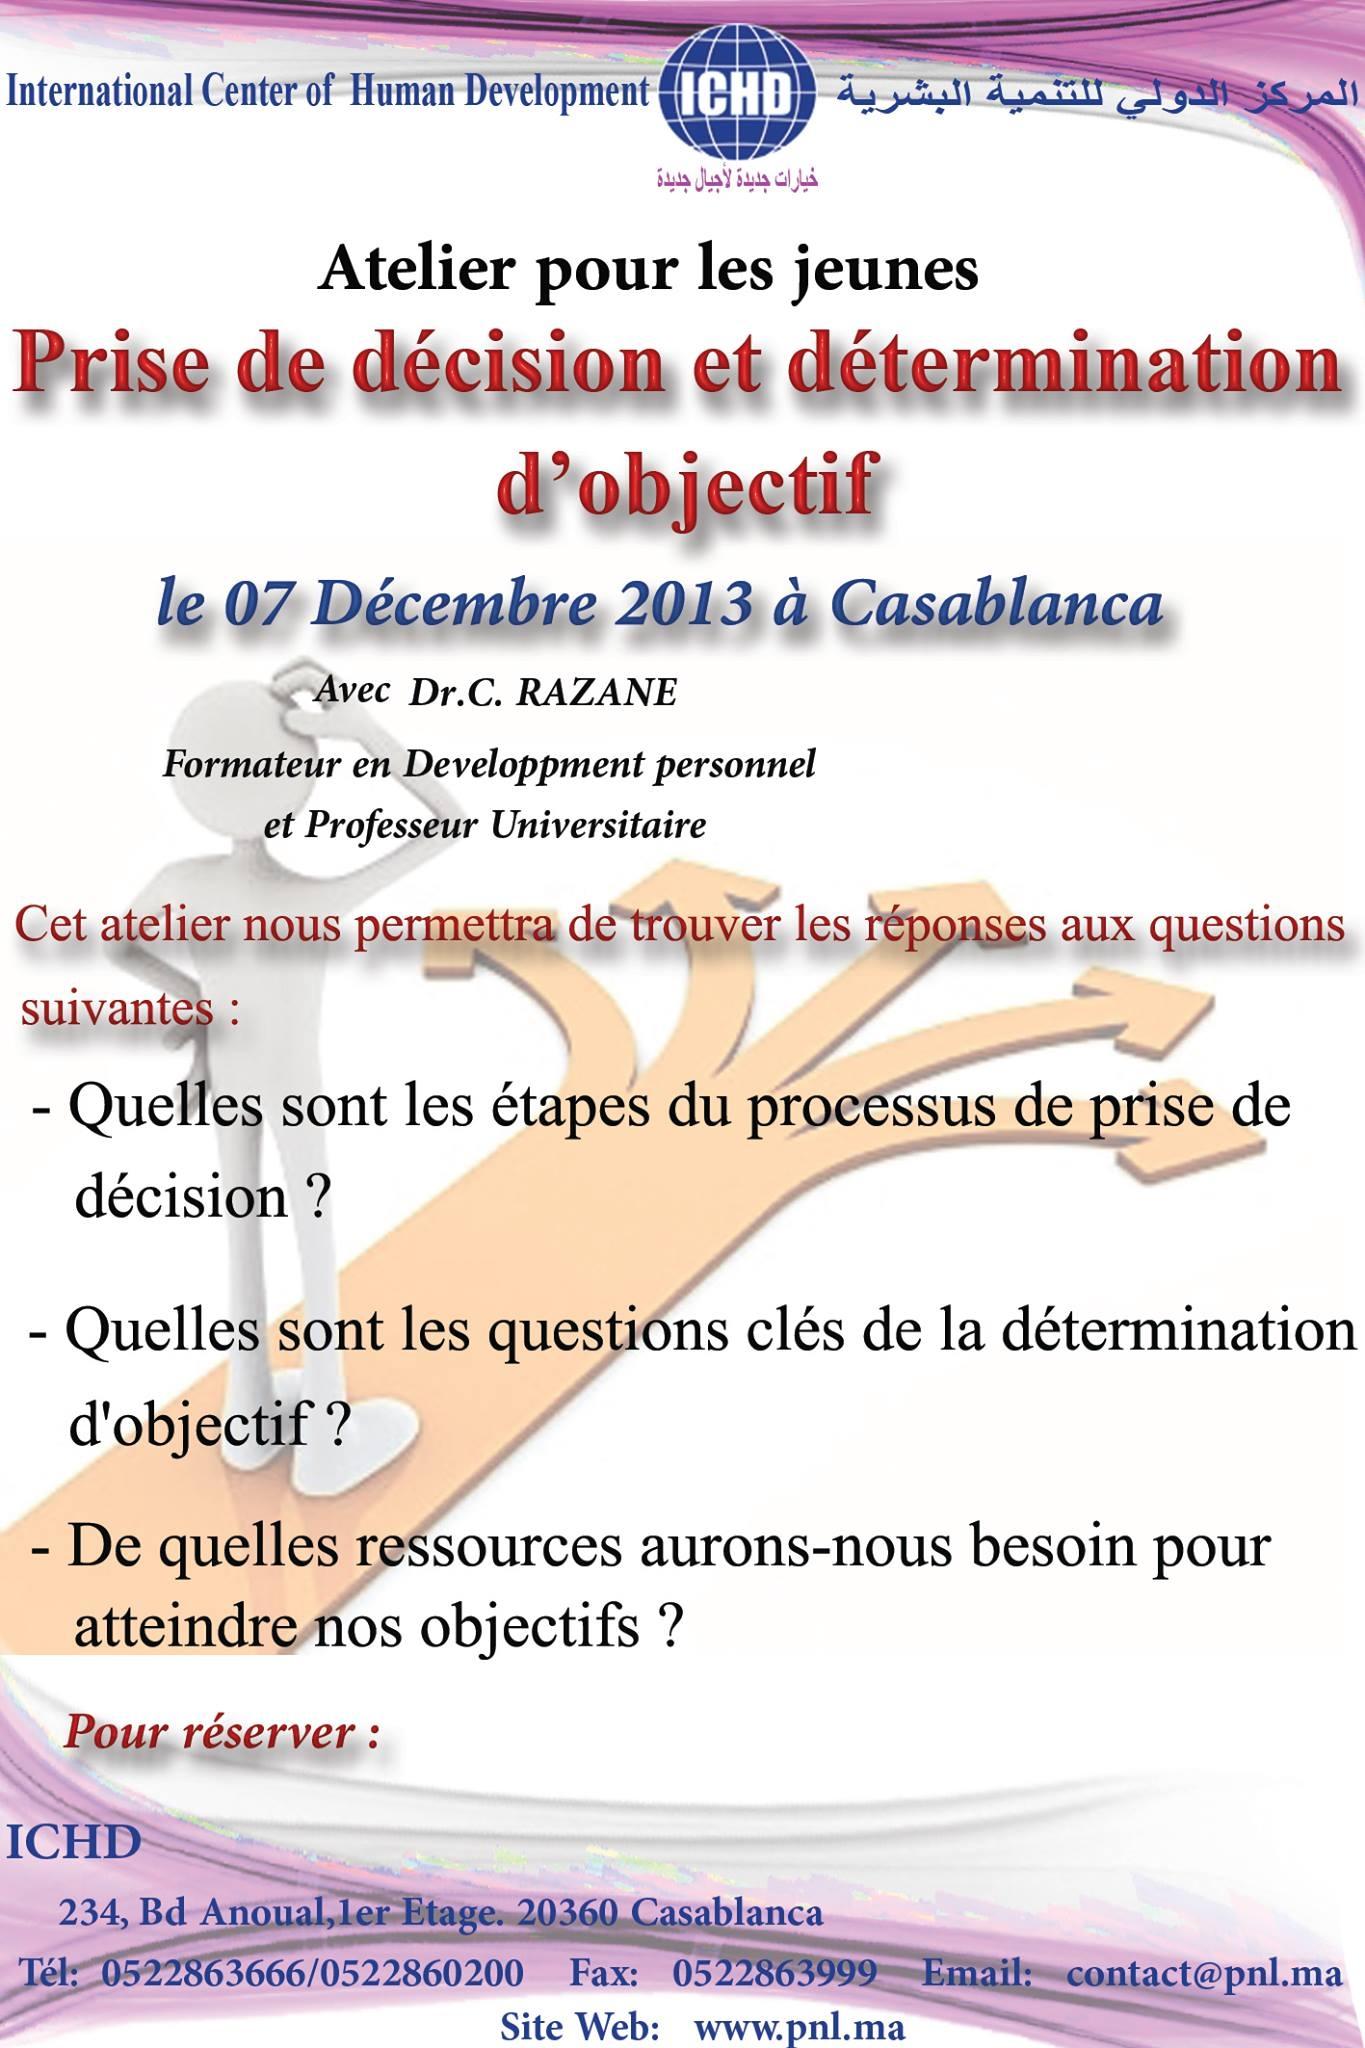 """Atelier pour les jeunes intitulé """"Prise de décision et détermination d'objectif"""""""